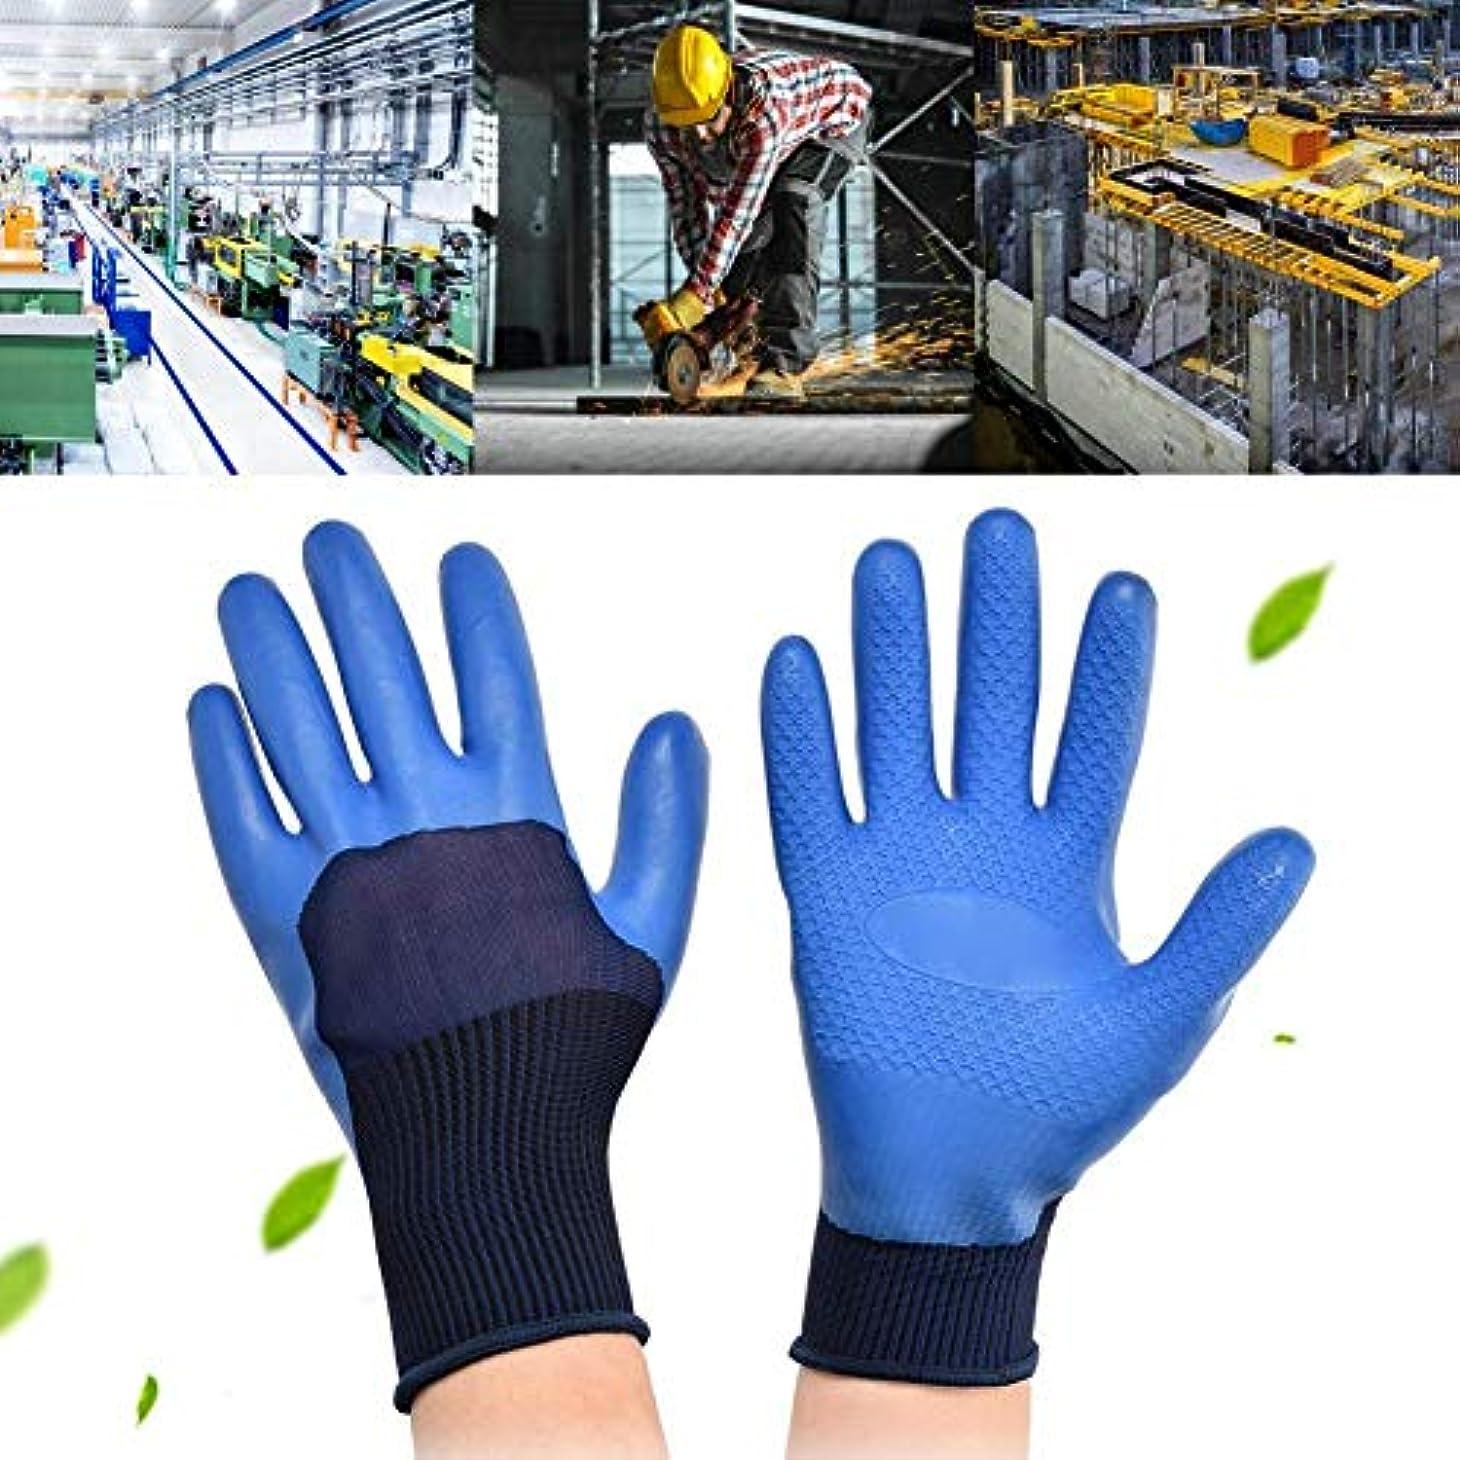 写真の懐疑的修士号作業用手袋、滑り止めラテックス労働保護手袋、耐摩耗性防水安全手袋, 滑り止めラテックス労働保護作業用手袋の耐摩耗性防水安全手袋